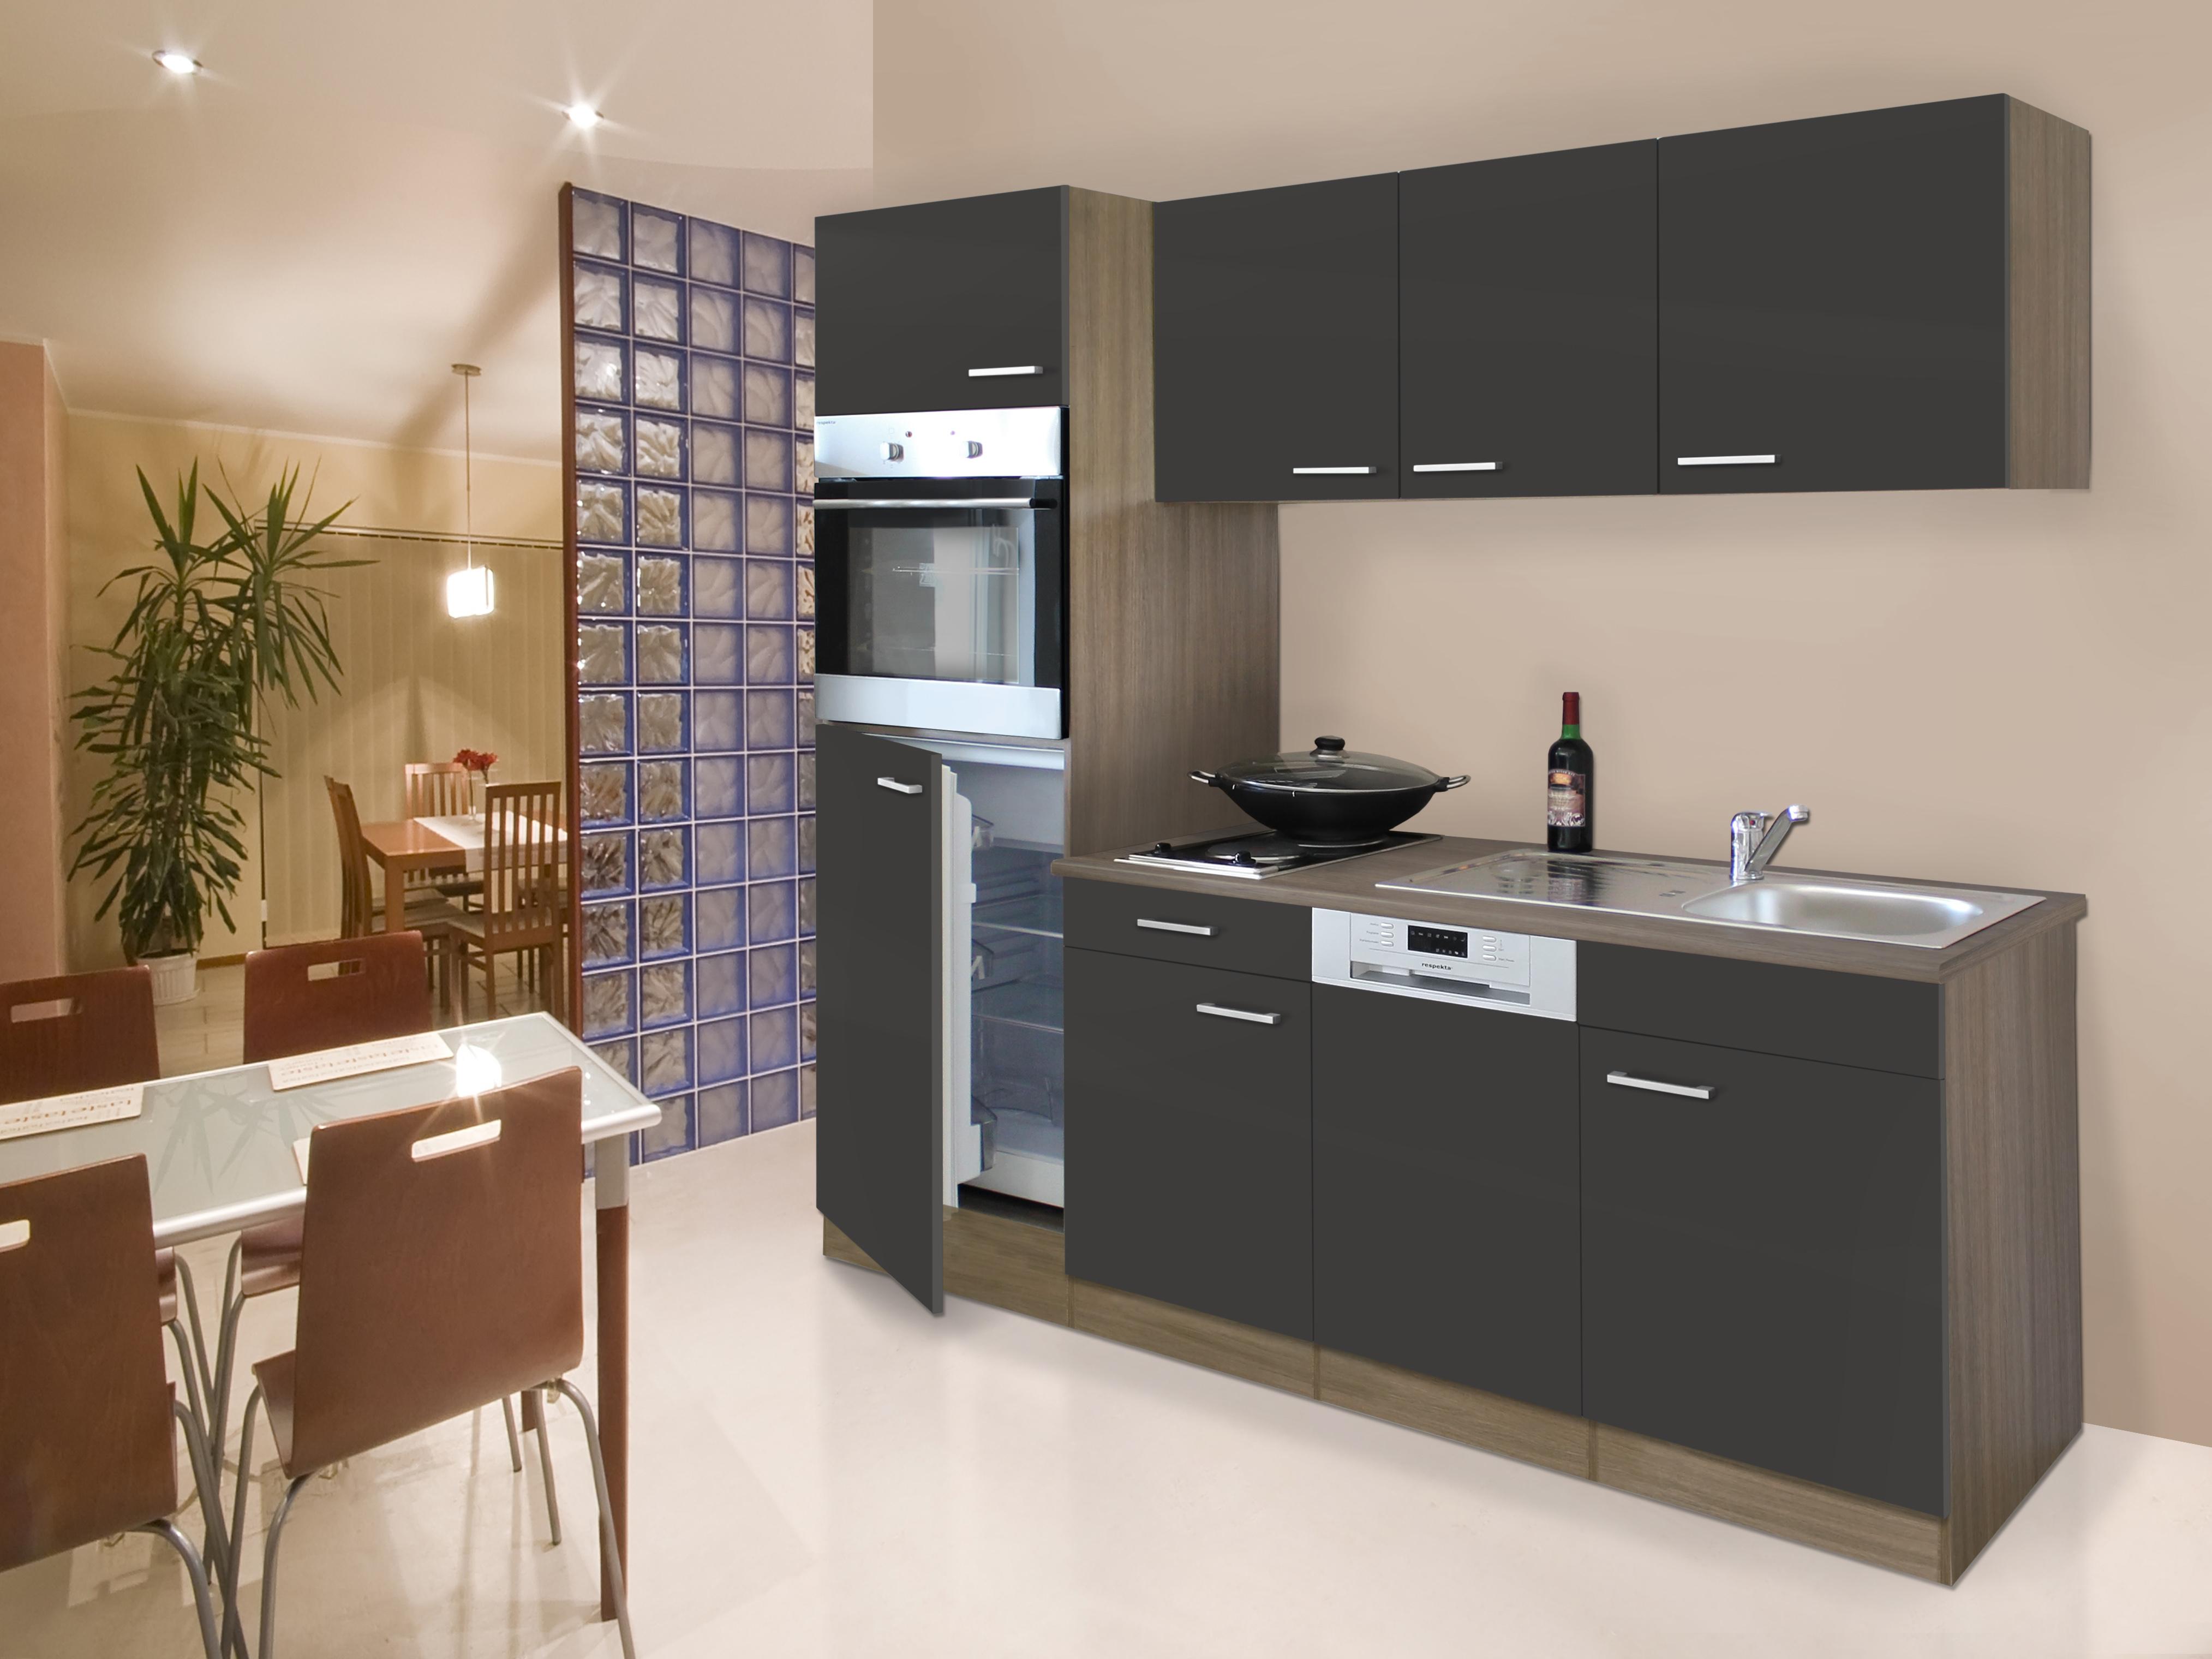 respekta Küche Küchenblock Küchenzeile Einbau Singleküche 205 cm Eiche York grau